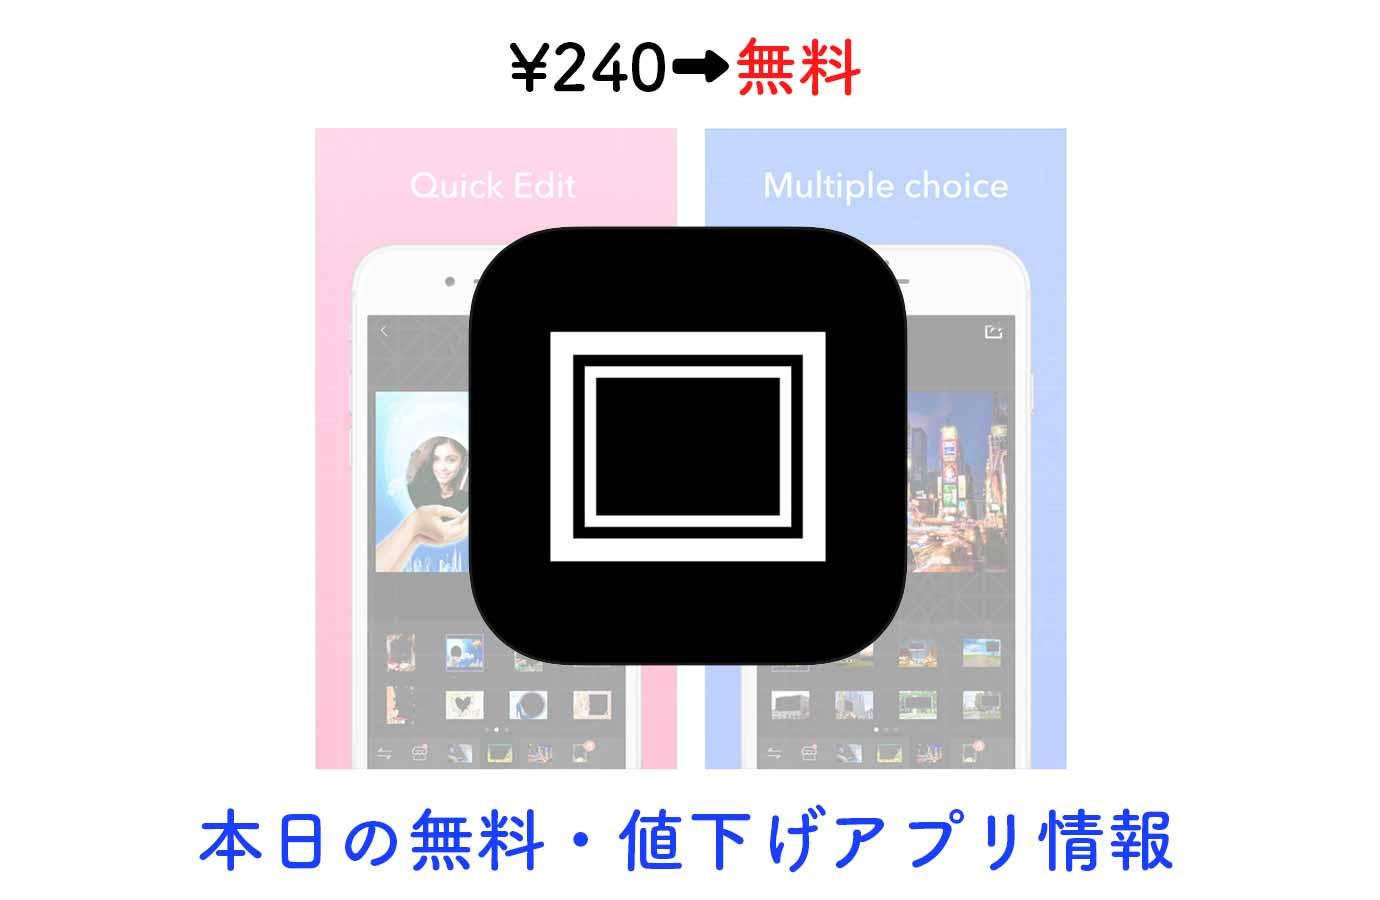 ¥240→無料、豊富なフレームで写真を彩れるアプリ「Solo Frame」など【8/28】本日の無料・値下げアプリ情報